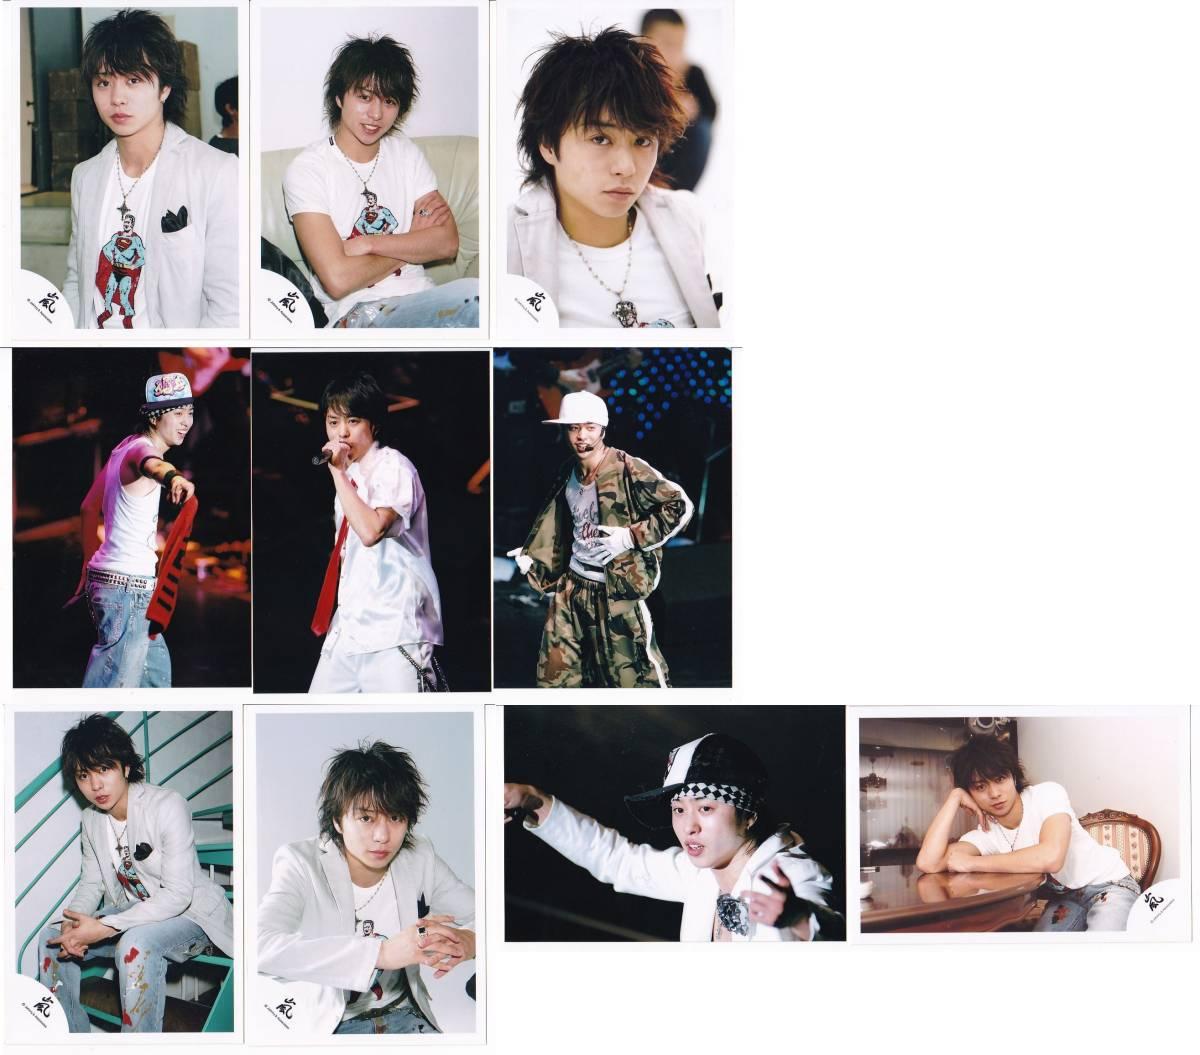 嵐 櫻井翔 公式写真 嵐ロゴ 10枚 セット 2006 Solo Live Extra Storm in Winter ソロコンサート The Show 美品 Arashi